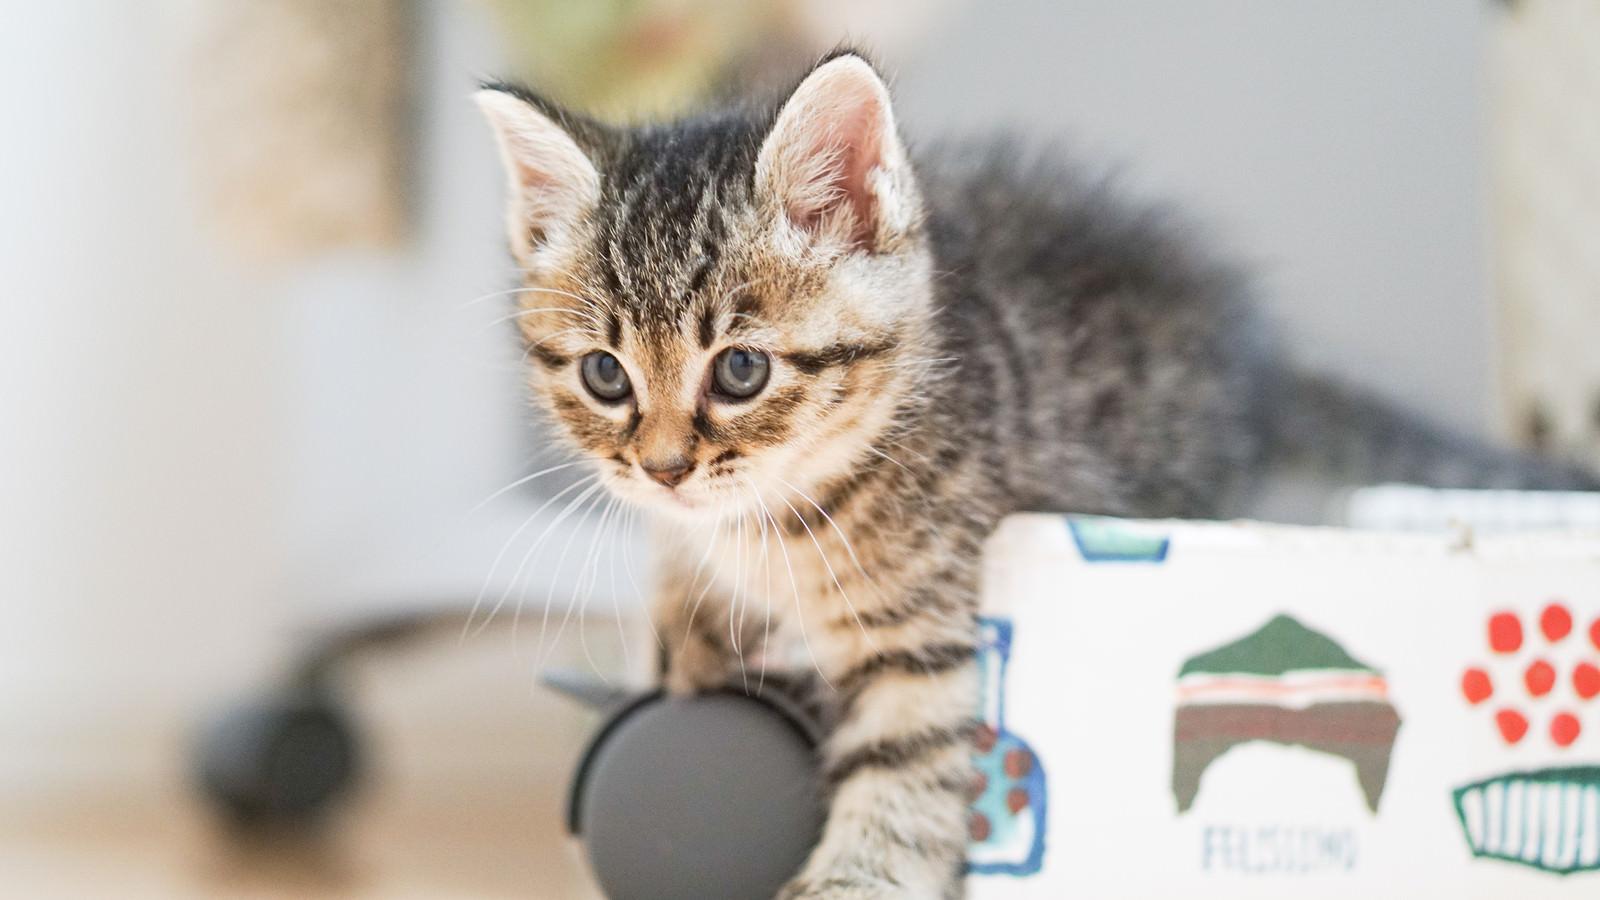 「なにかに興味津々の子猫」の写真